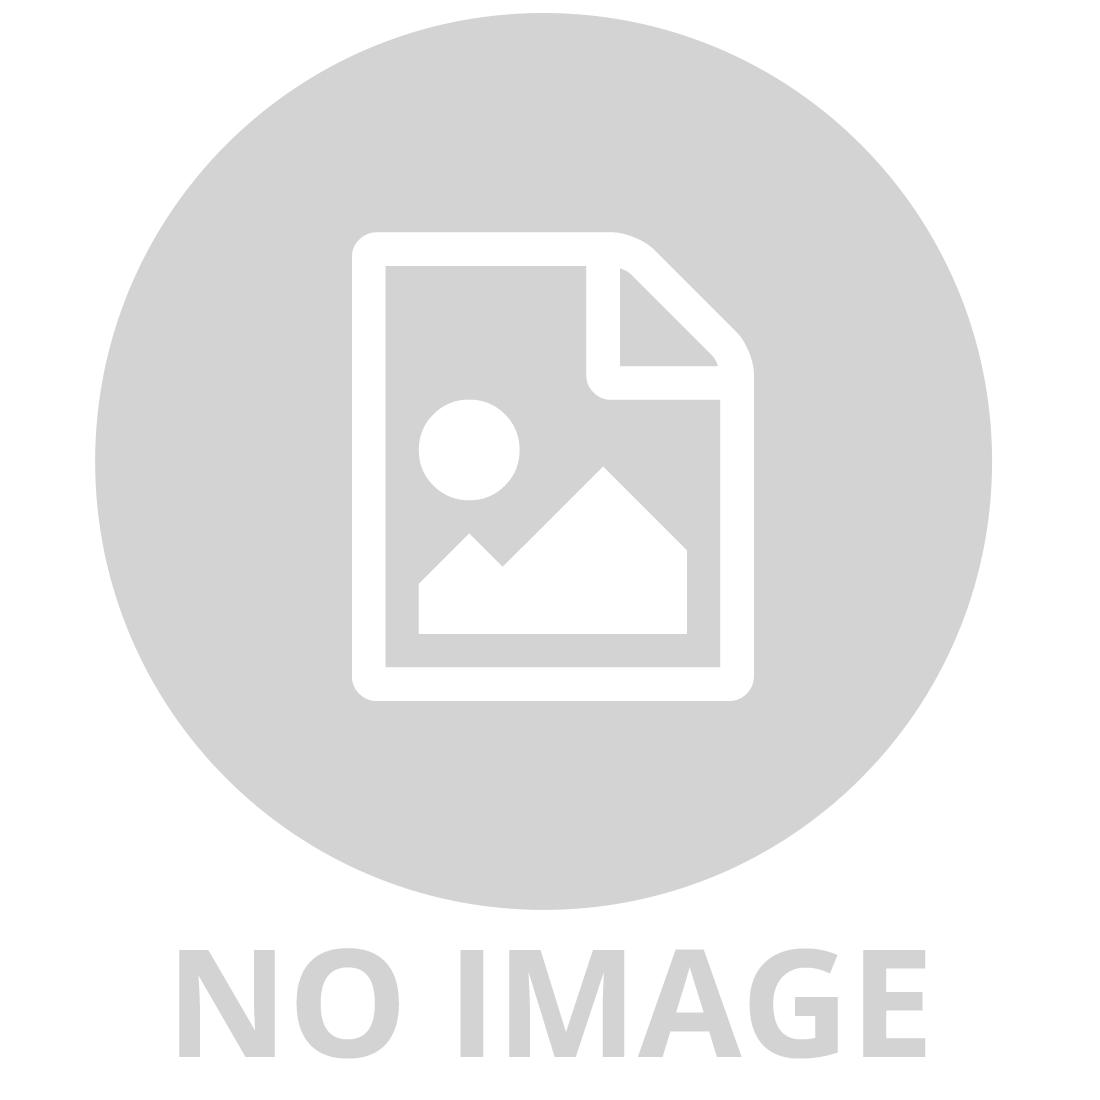 SPIDER-MAN SPIDER SIGHT MASK